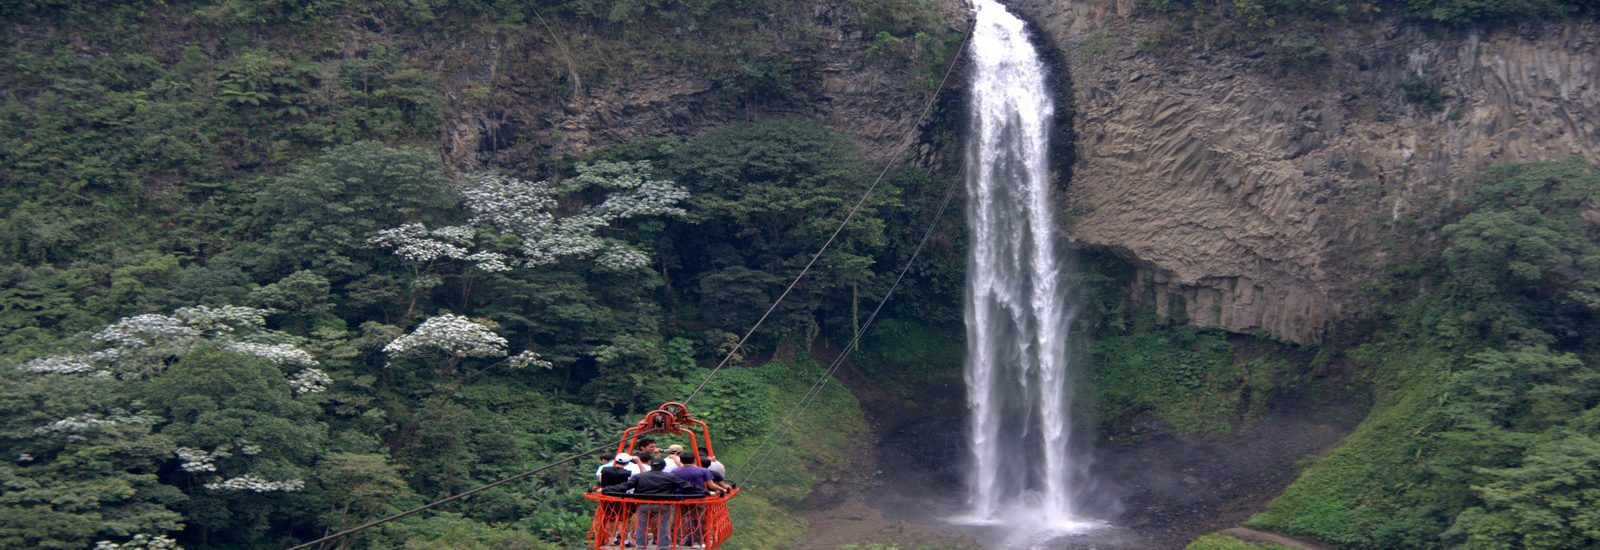 Baños de Agua Santa, la entrada a la cuenca amazónica de Ecuador